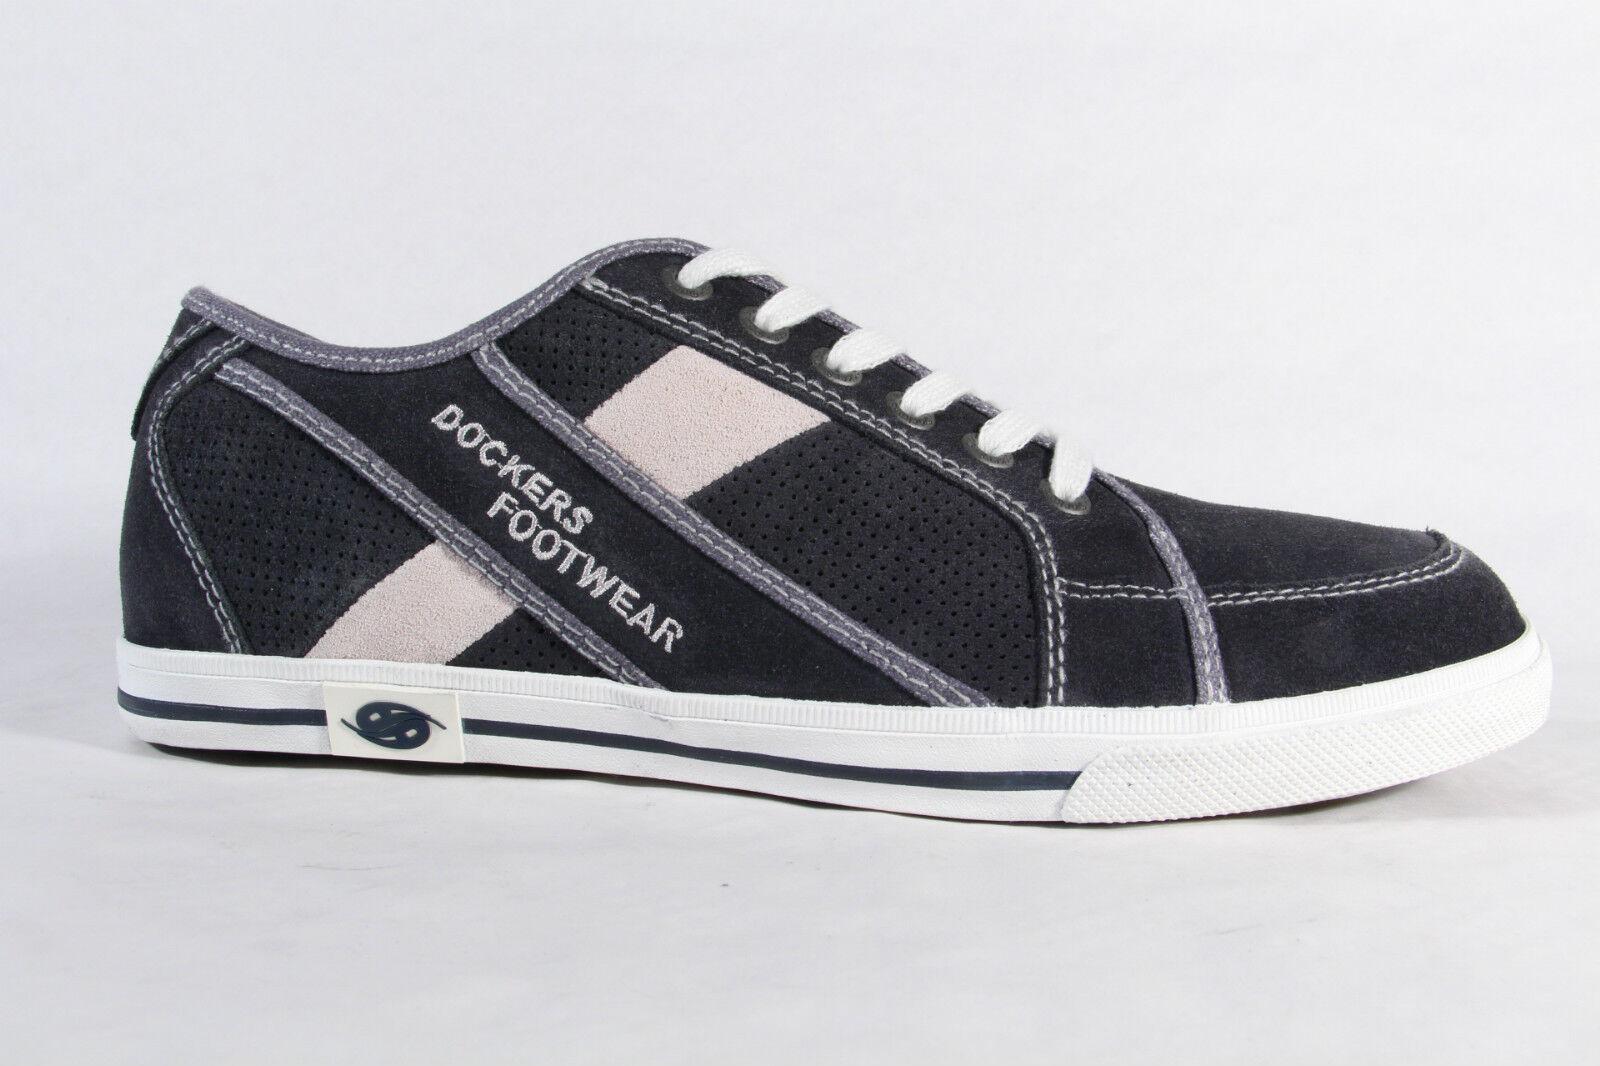 Dockers Herren Schnürschuh Halbschuh Sneaker , blau, Wechselfußbett NEU!